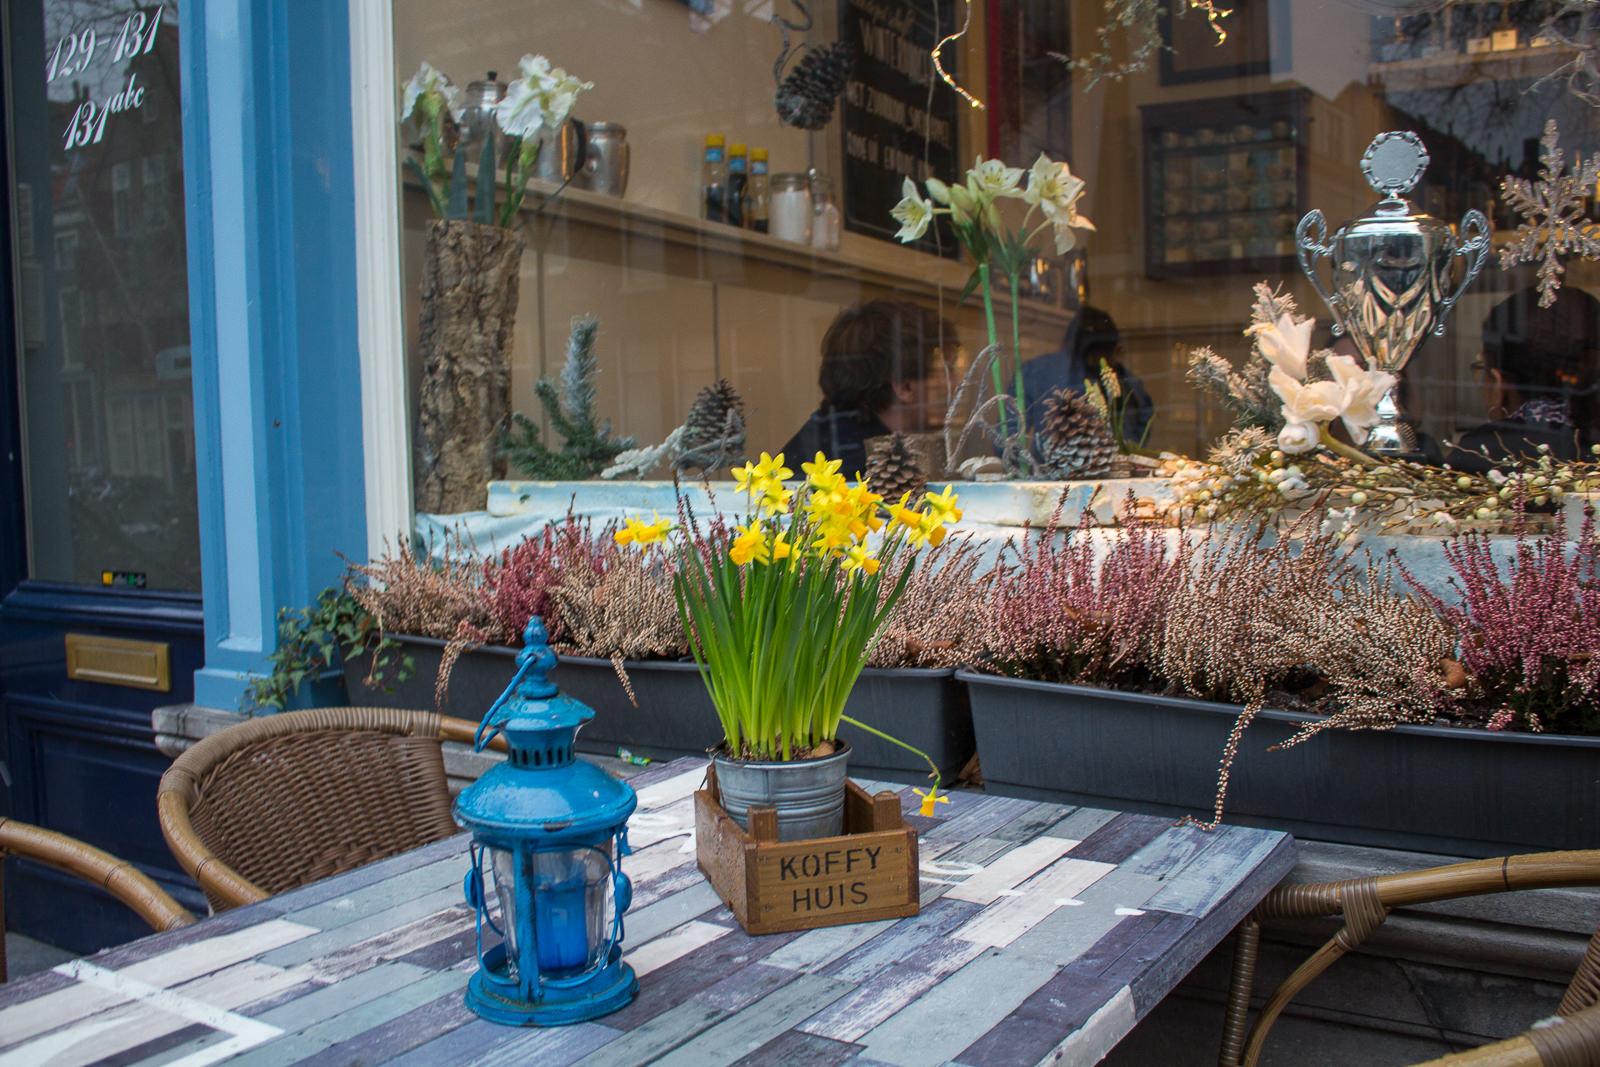 delft, südholland, holland, niederlande, städtetrip, sightseeing, café